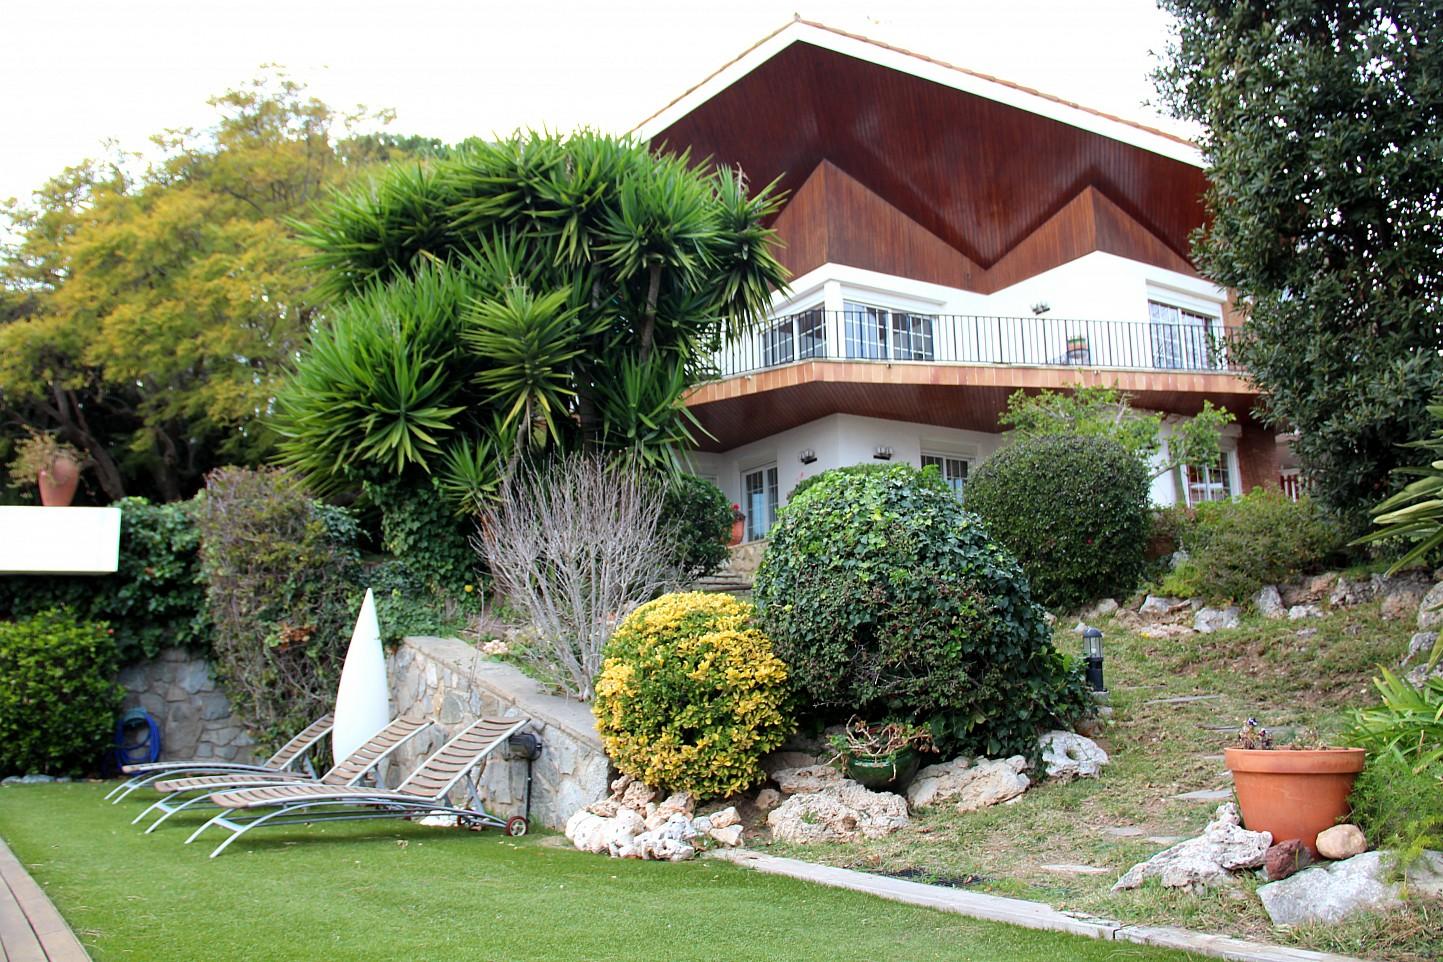 House for sale in el masnou oi realtor for Piscina masnou